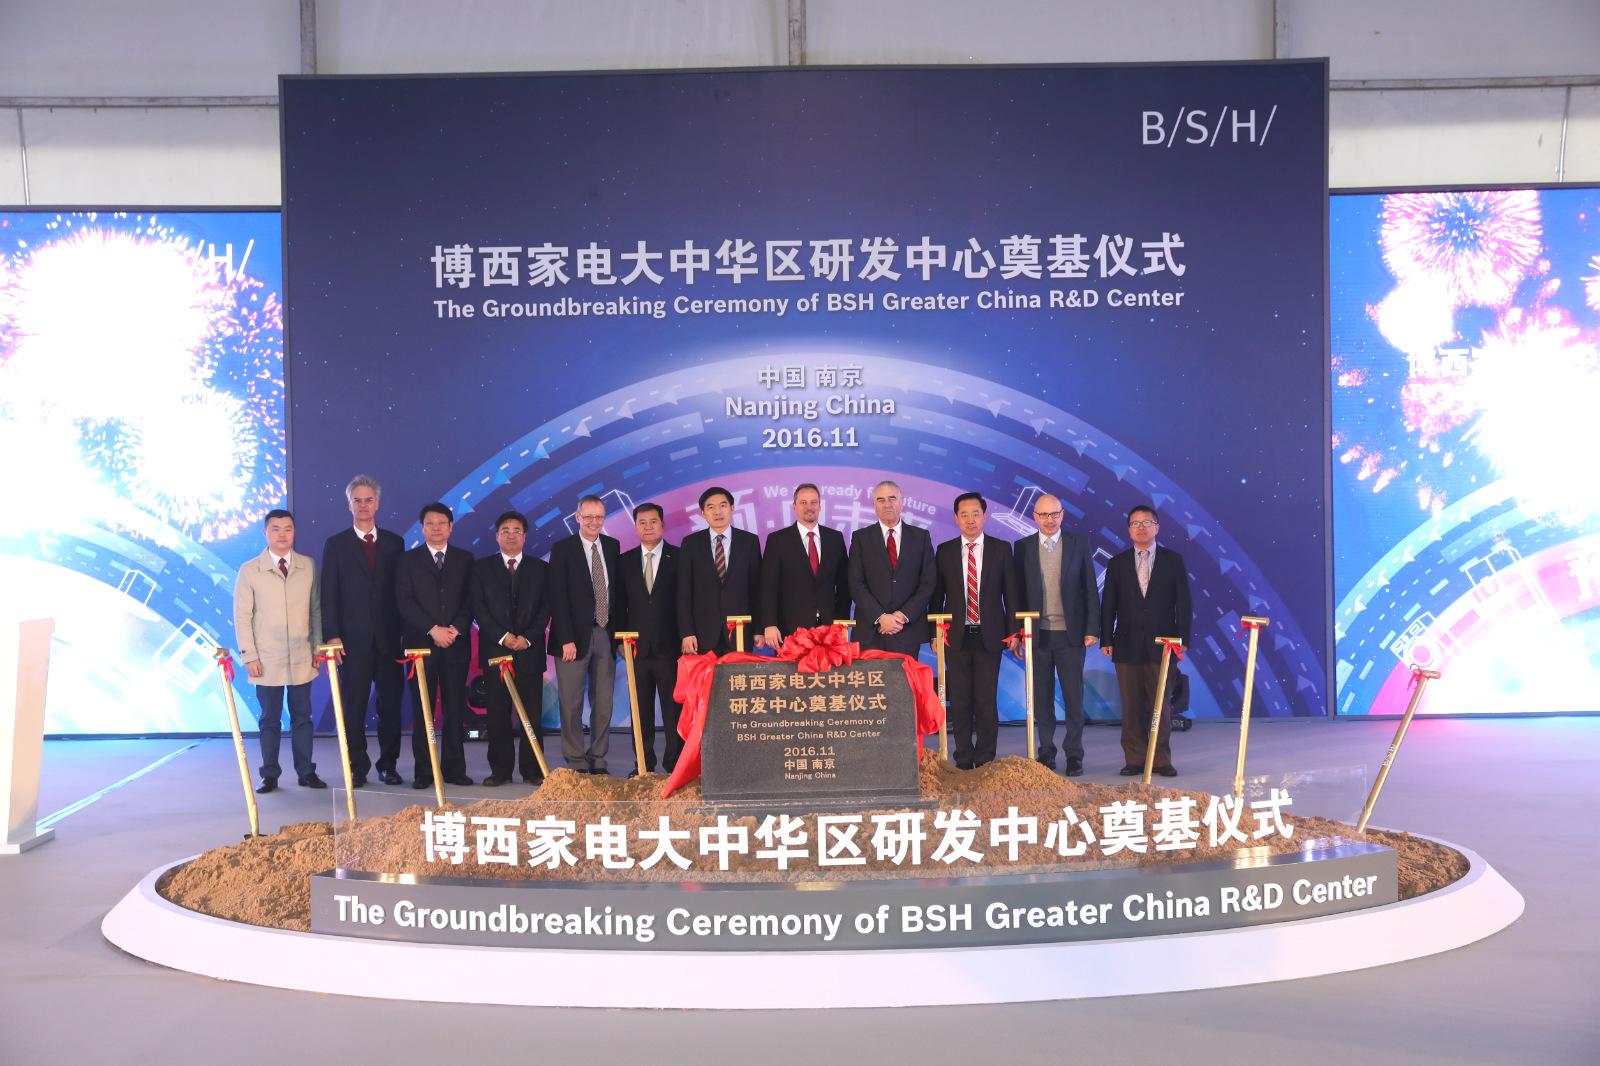 博西家电全新研发中心南京奠基彰显长期承诺